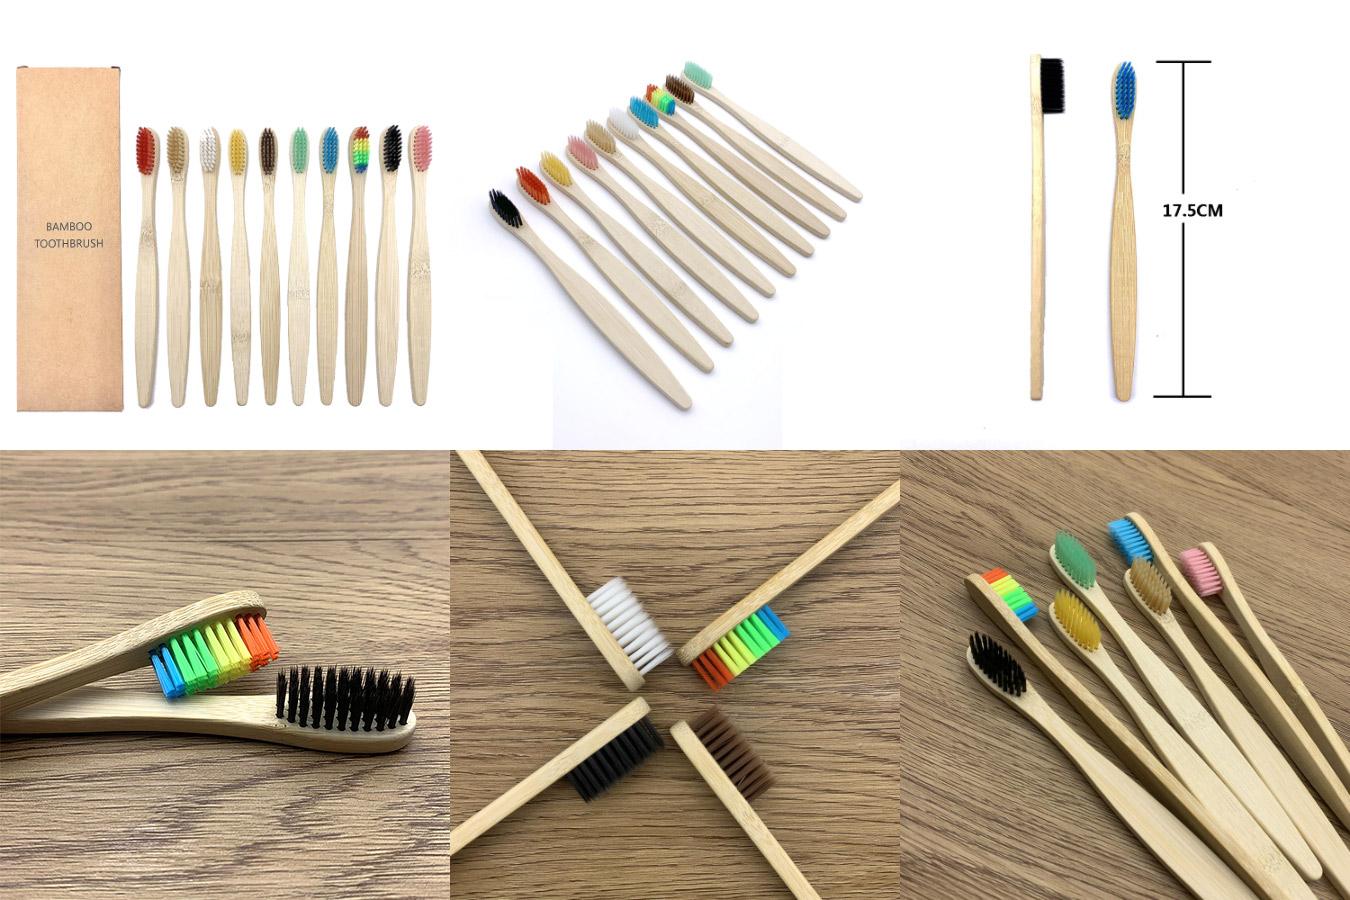 Недорогие бамбуковые зубные щетки